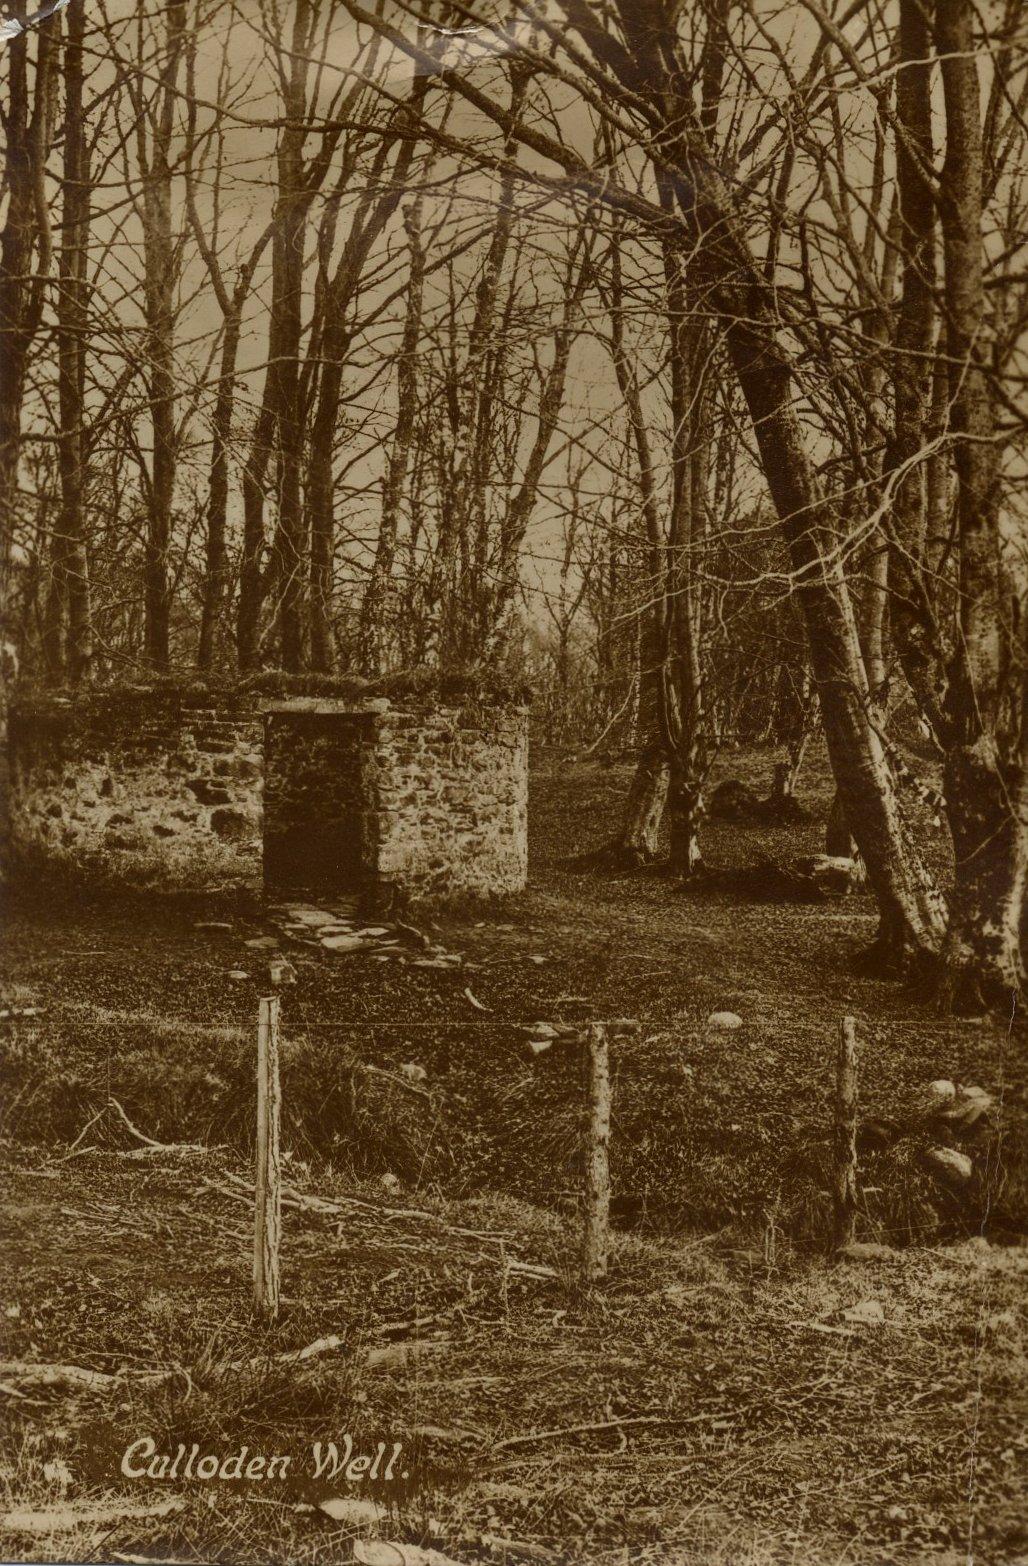 Culloden Well